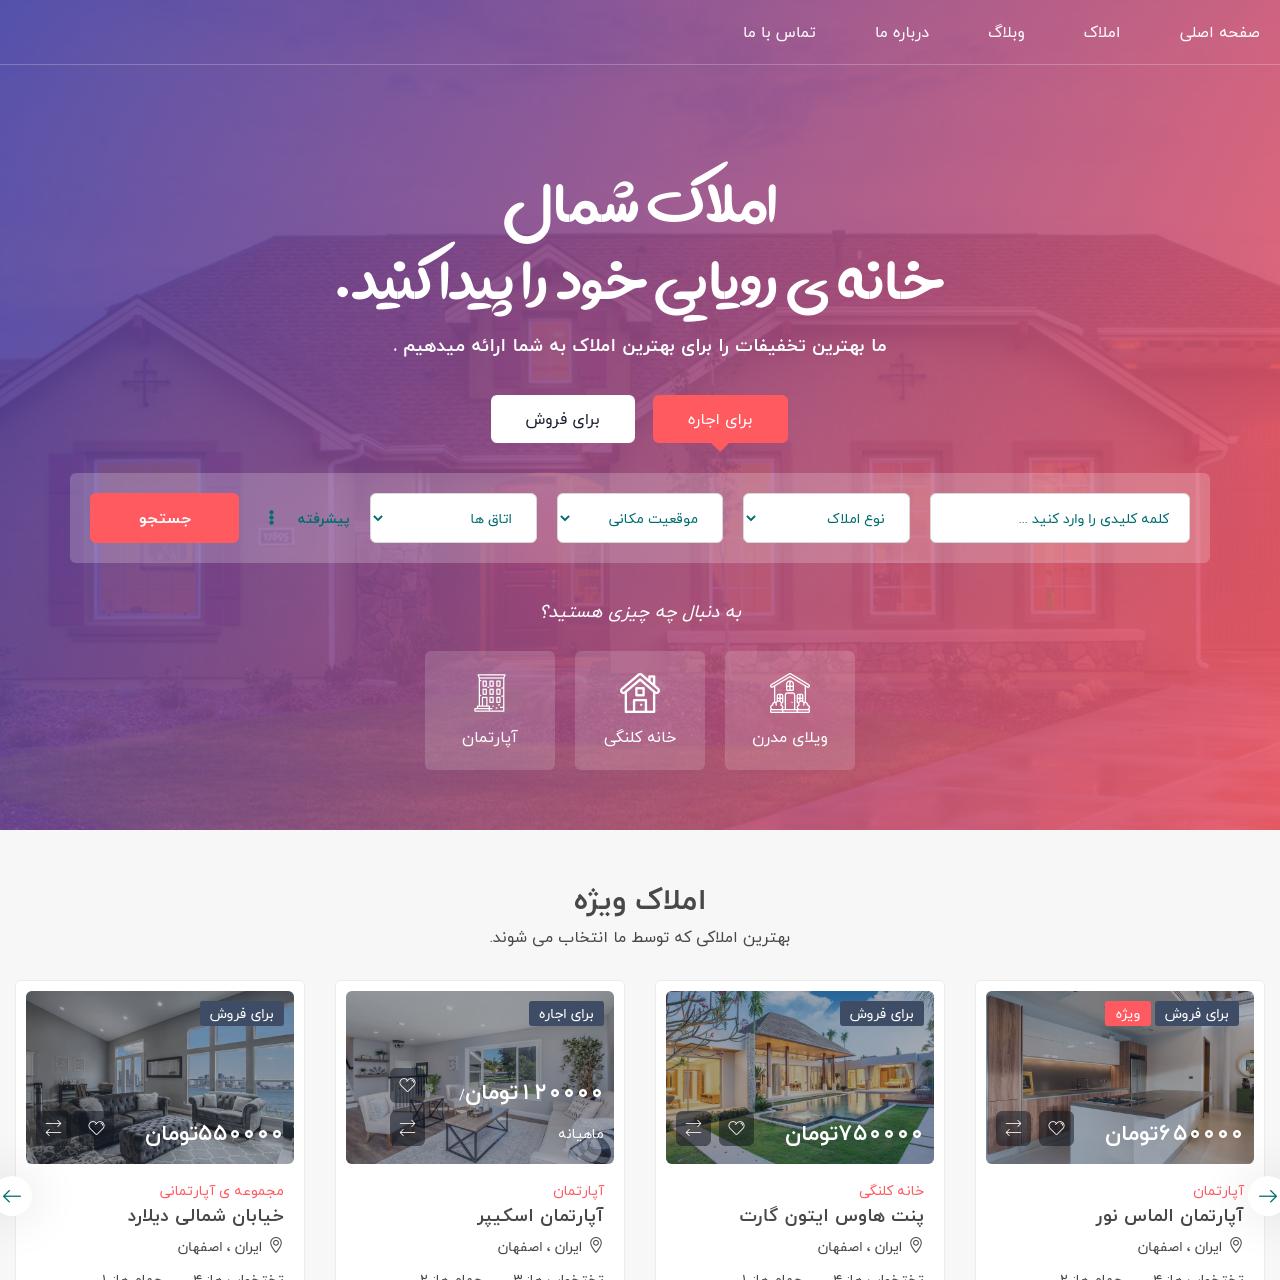 طراحی و بهینه سازی سایت کینگ سایت